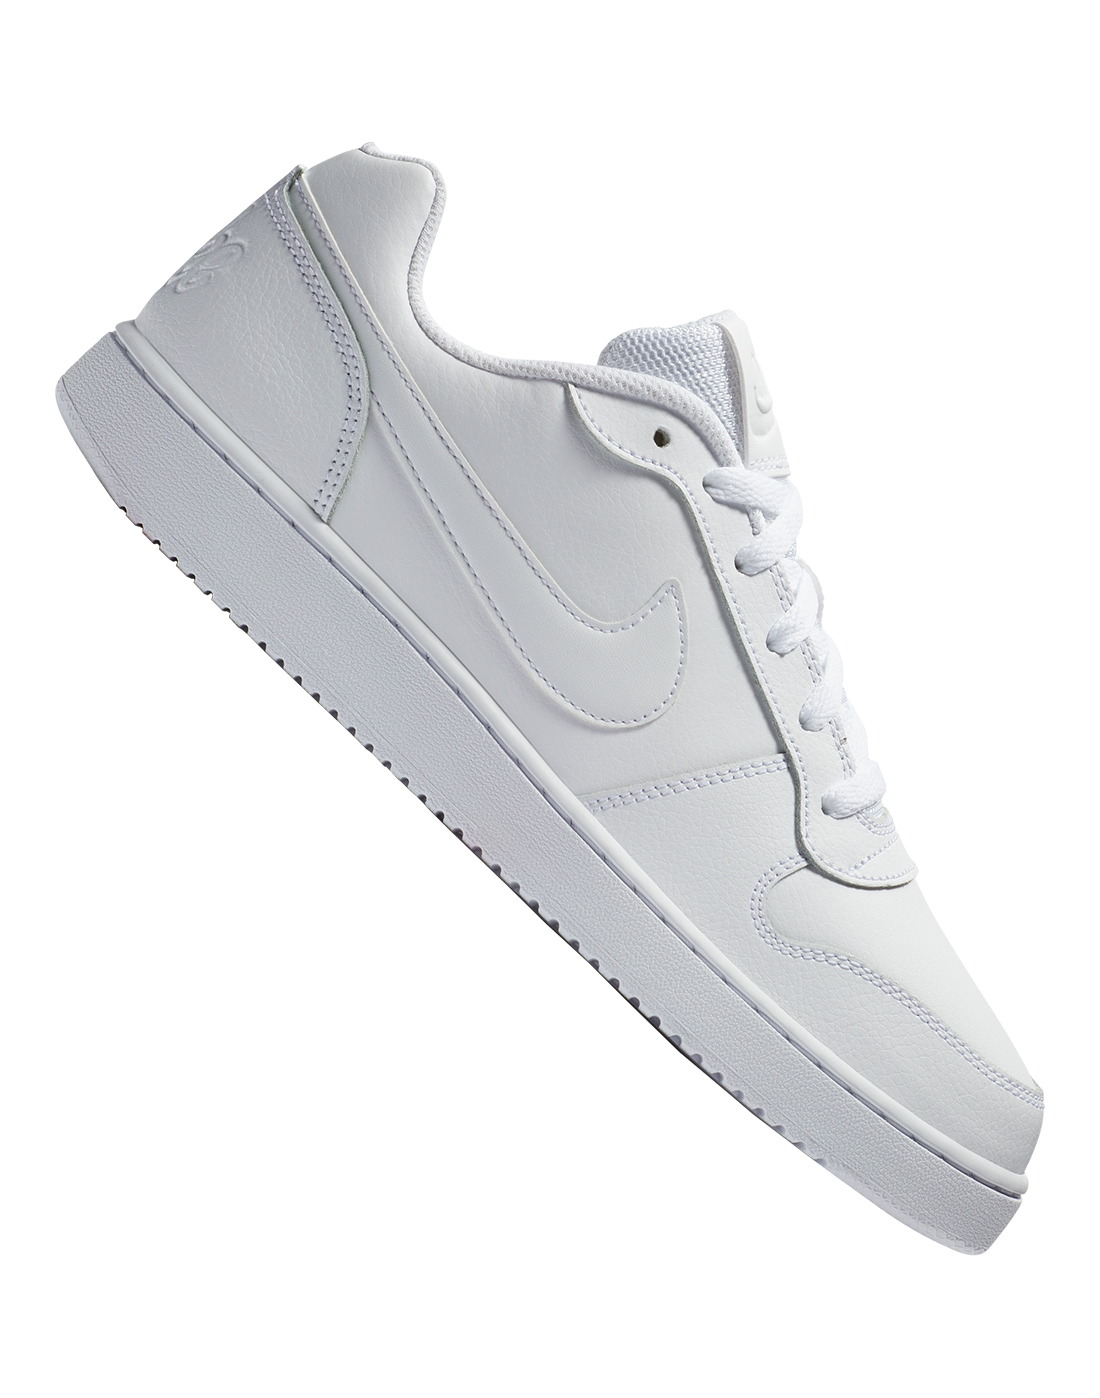 Nike Mens Ebernon Low - White | Life